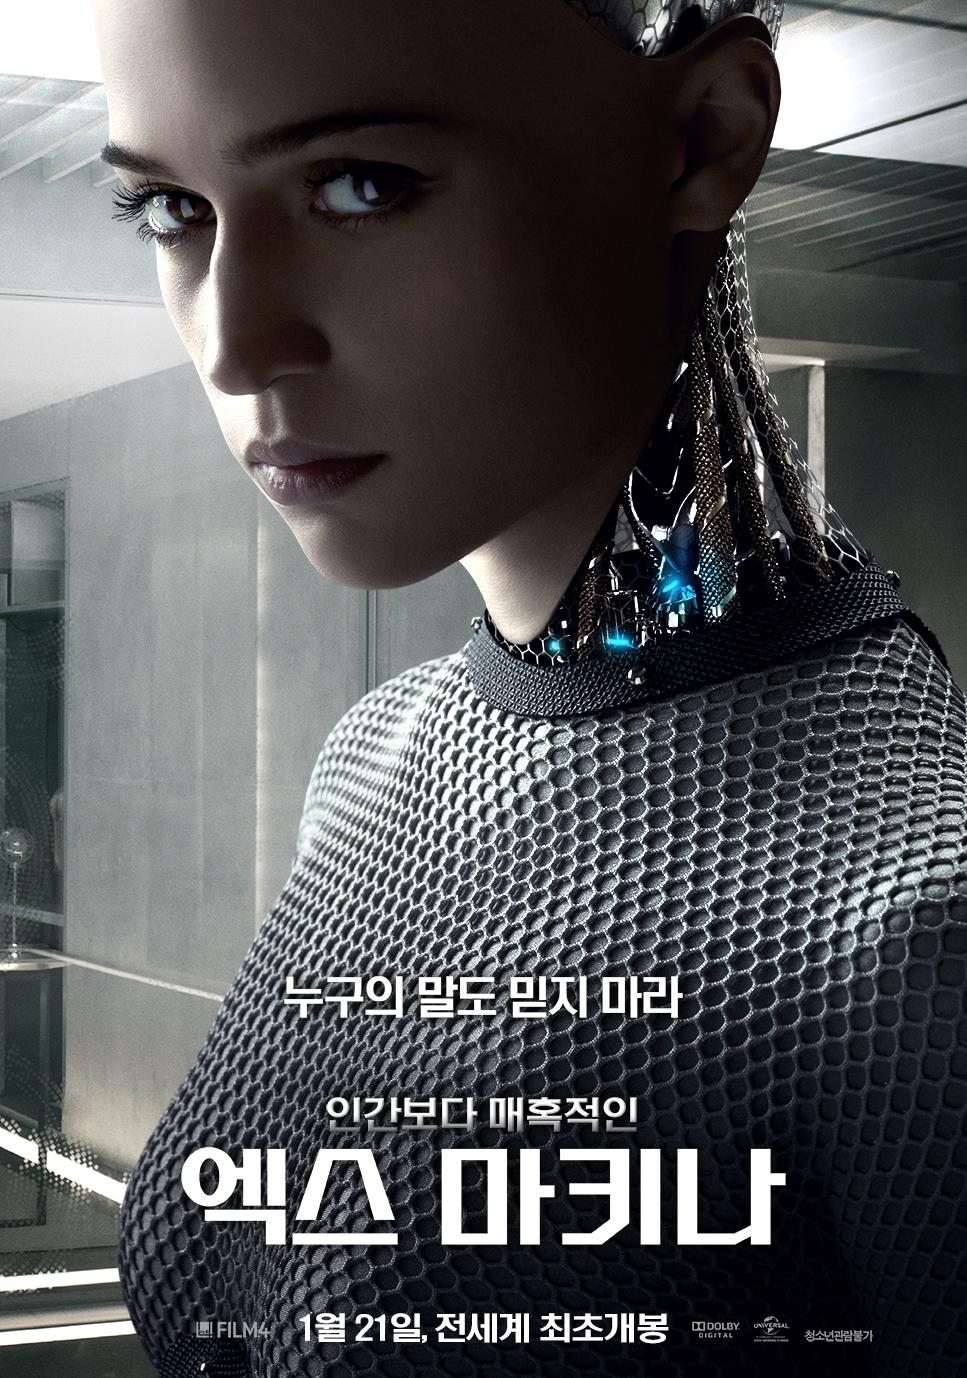 영화 엑스 마키나(Ex Machina, 2015) 리뷰